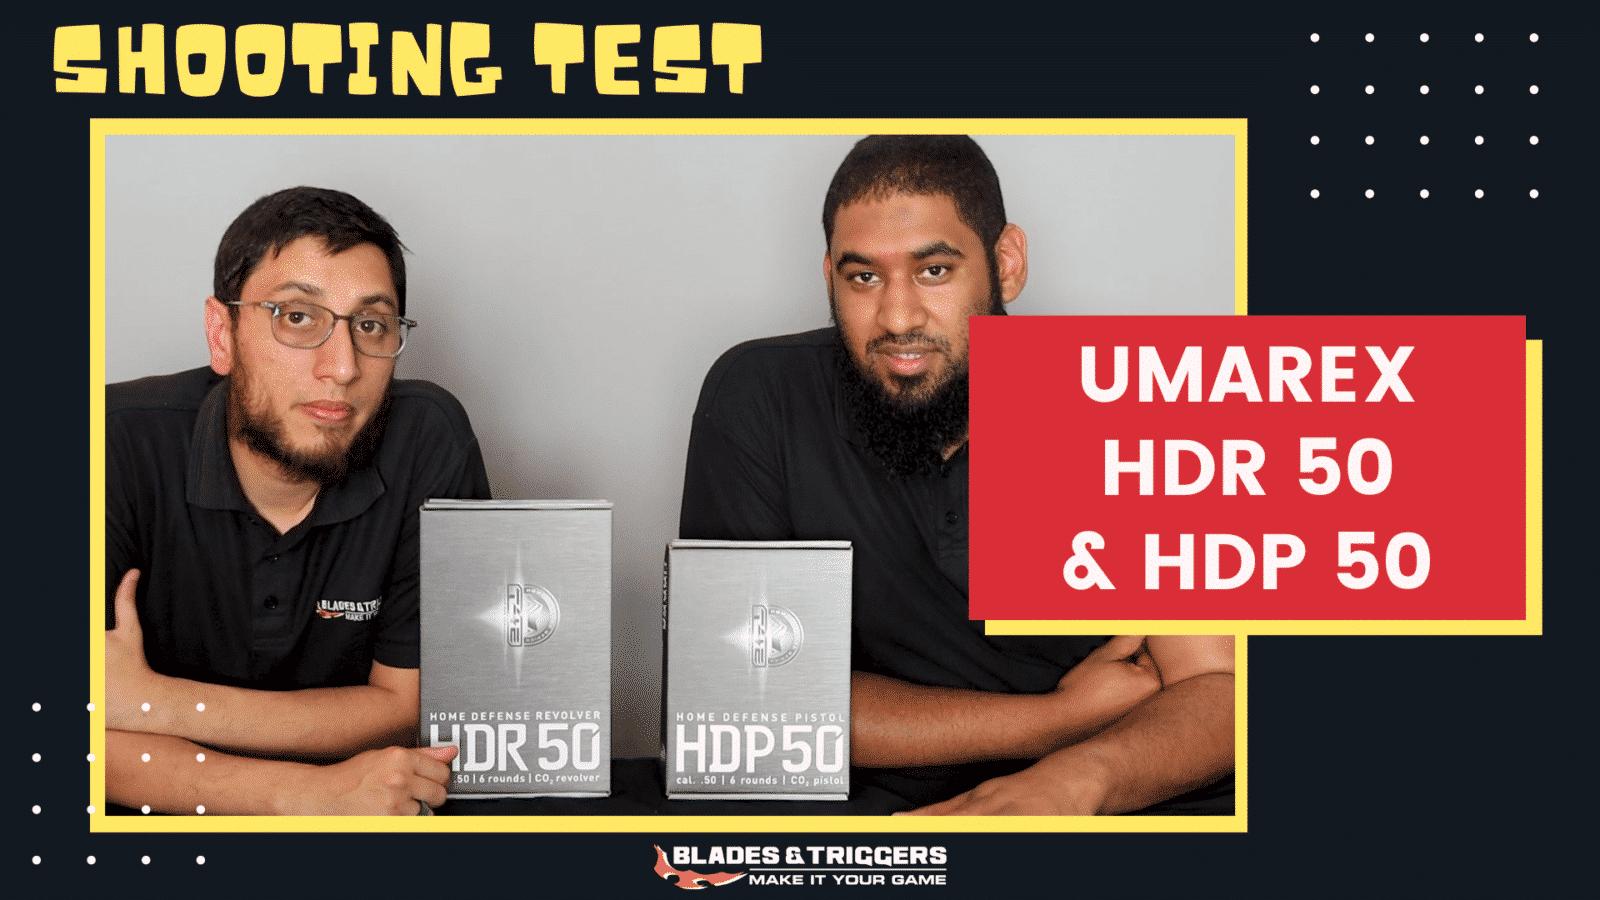 Umarex HDR 50 & HDP 50